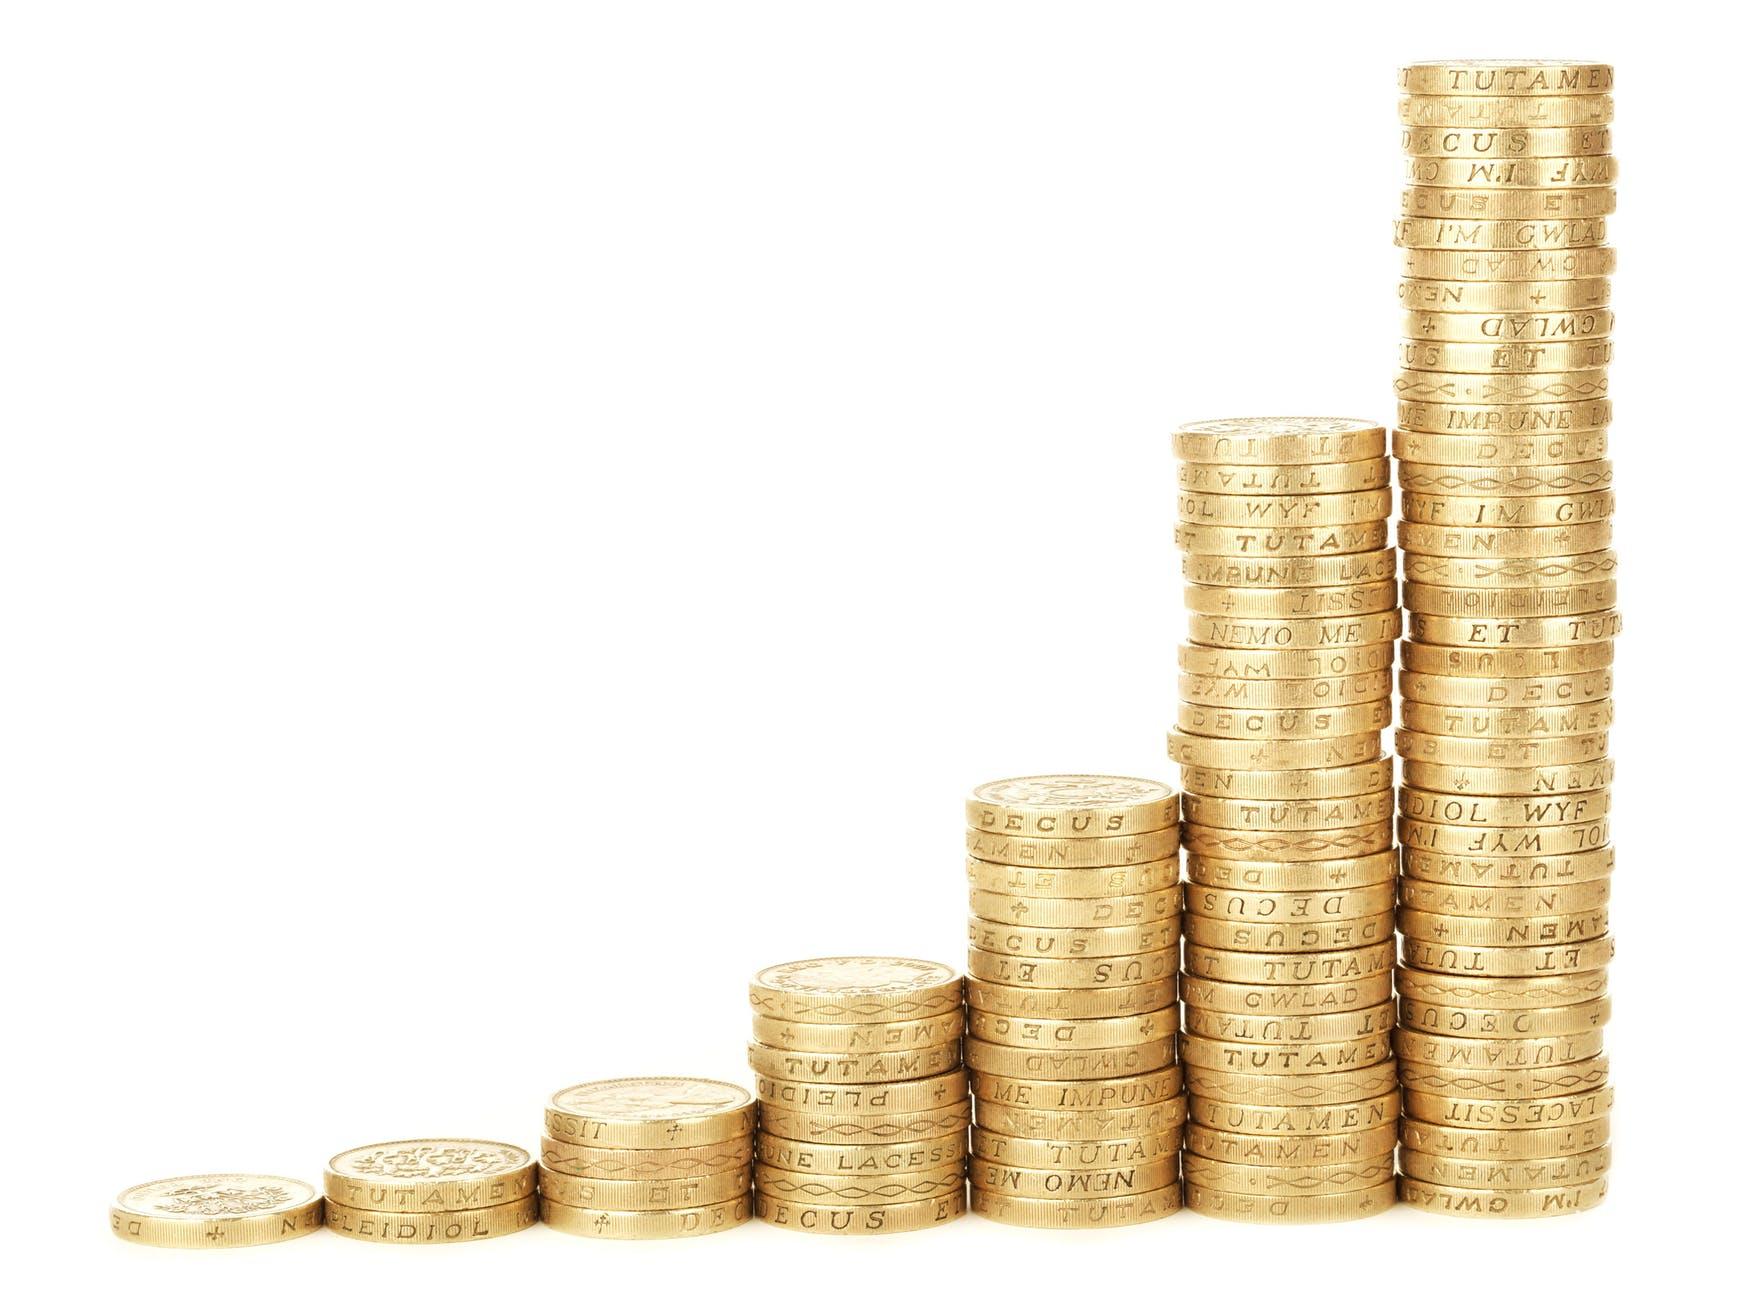 Harga Emas London Hari ini, Bagaimana Penentuanya?